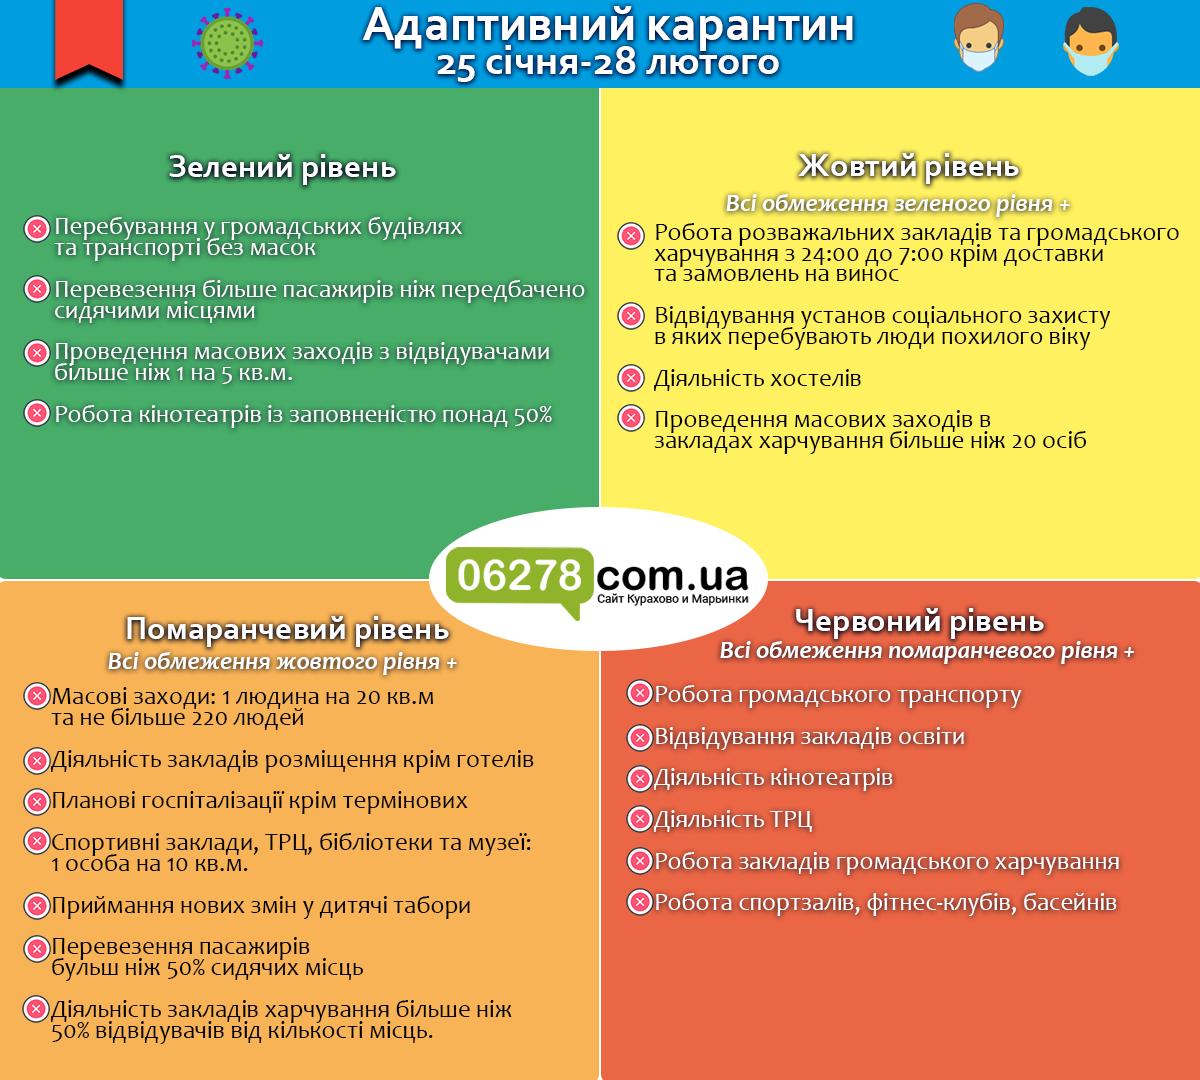 Адаптивный карантин с 25 января, Новости Курахово